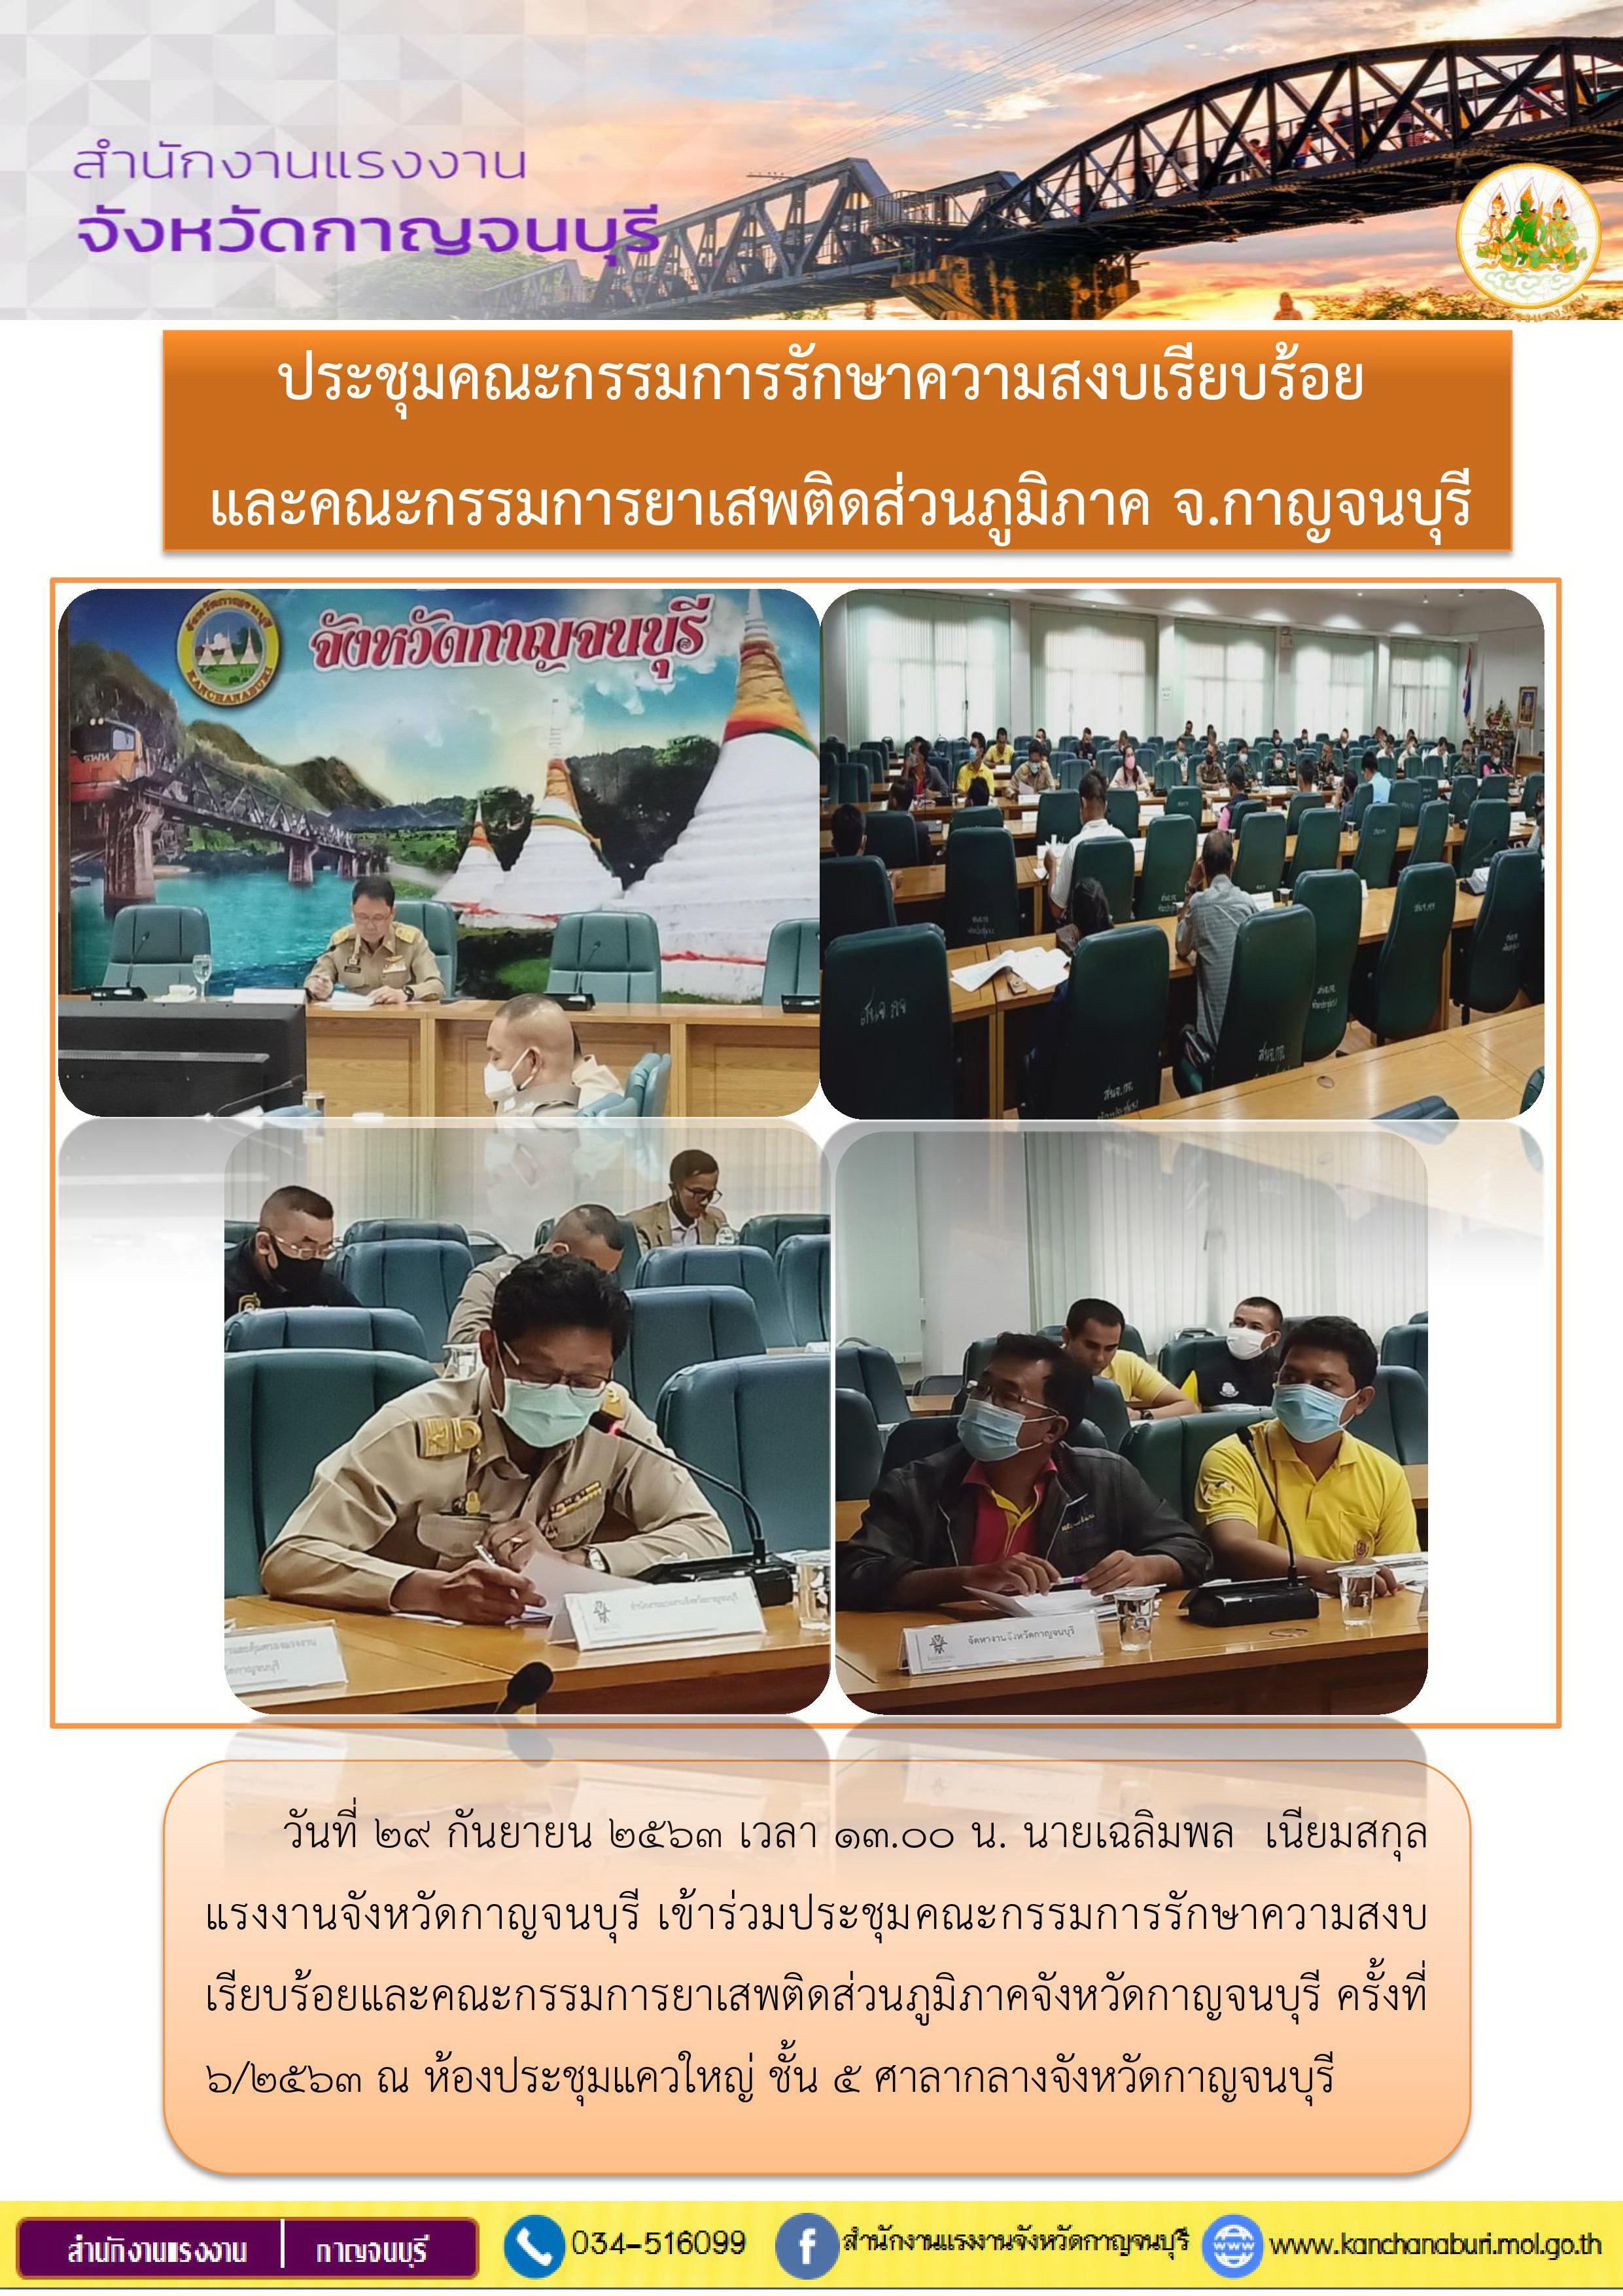 ประชุมคณะกรรมการรักษาควาสงบเรียบร้อยส่วนภูมิภาคจังหวัดกาญจนบุรี